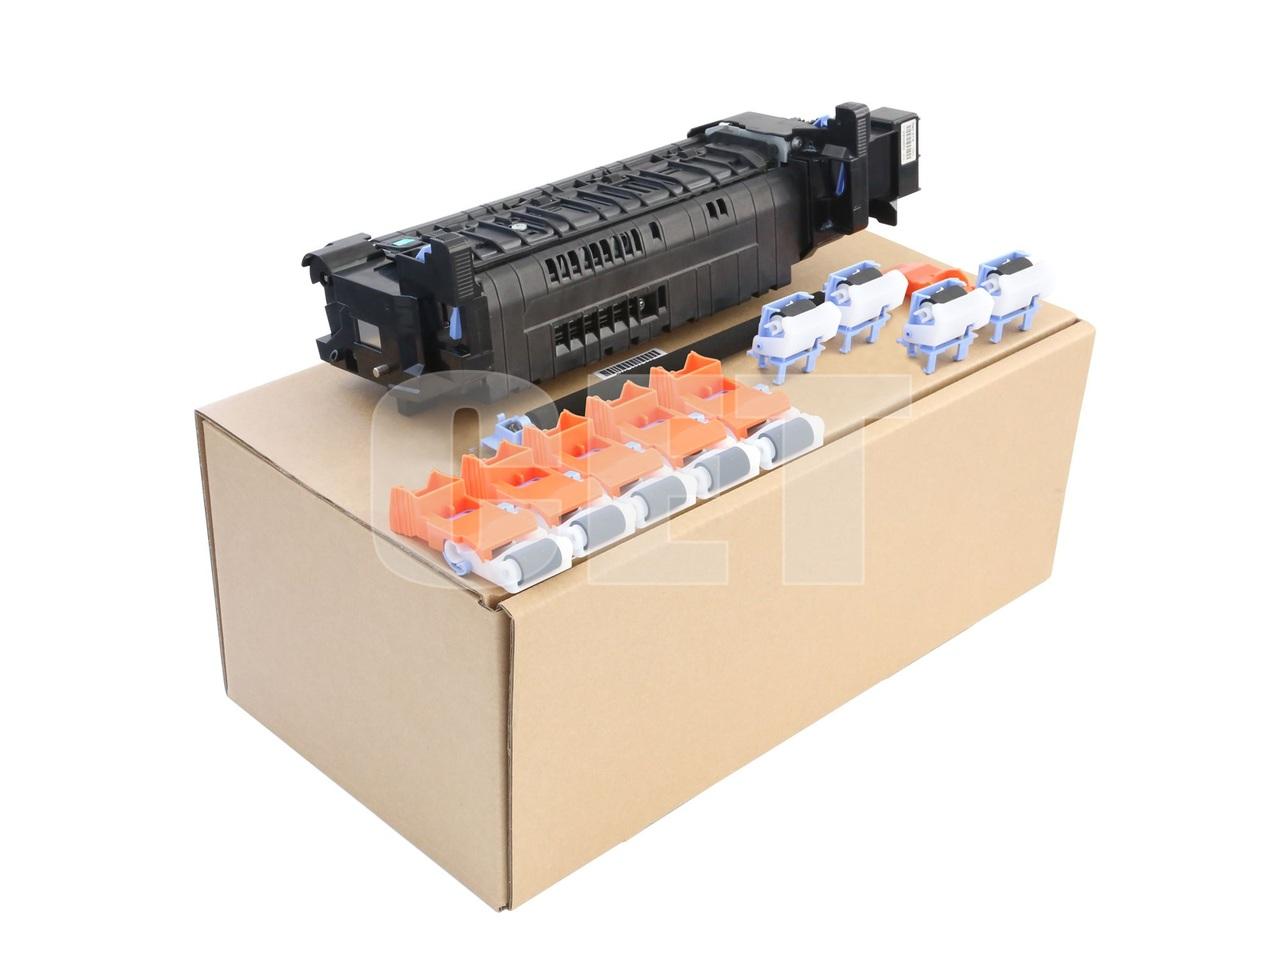 Ремонтный комплект J8J88-67901 для HP LaserJet EnterpriseMFP M631dn/632h/633fh/633z (CET), CET441004U